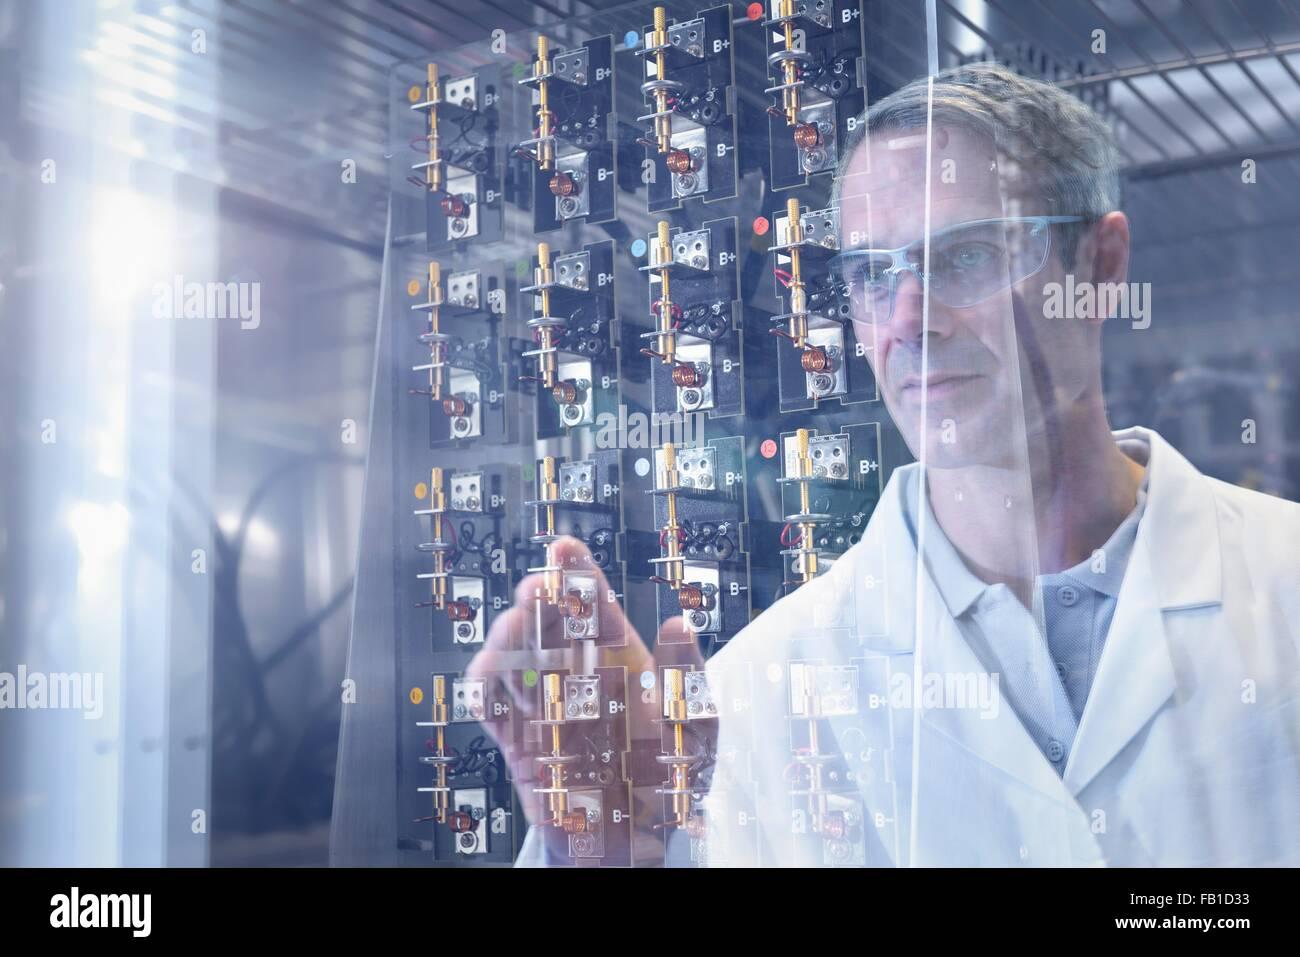 Test scientifique l'inspection des batteries au lithium-ion dans la chambre la chaleur dans l'installation de recherche Banque D'Images